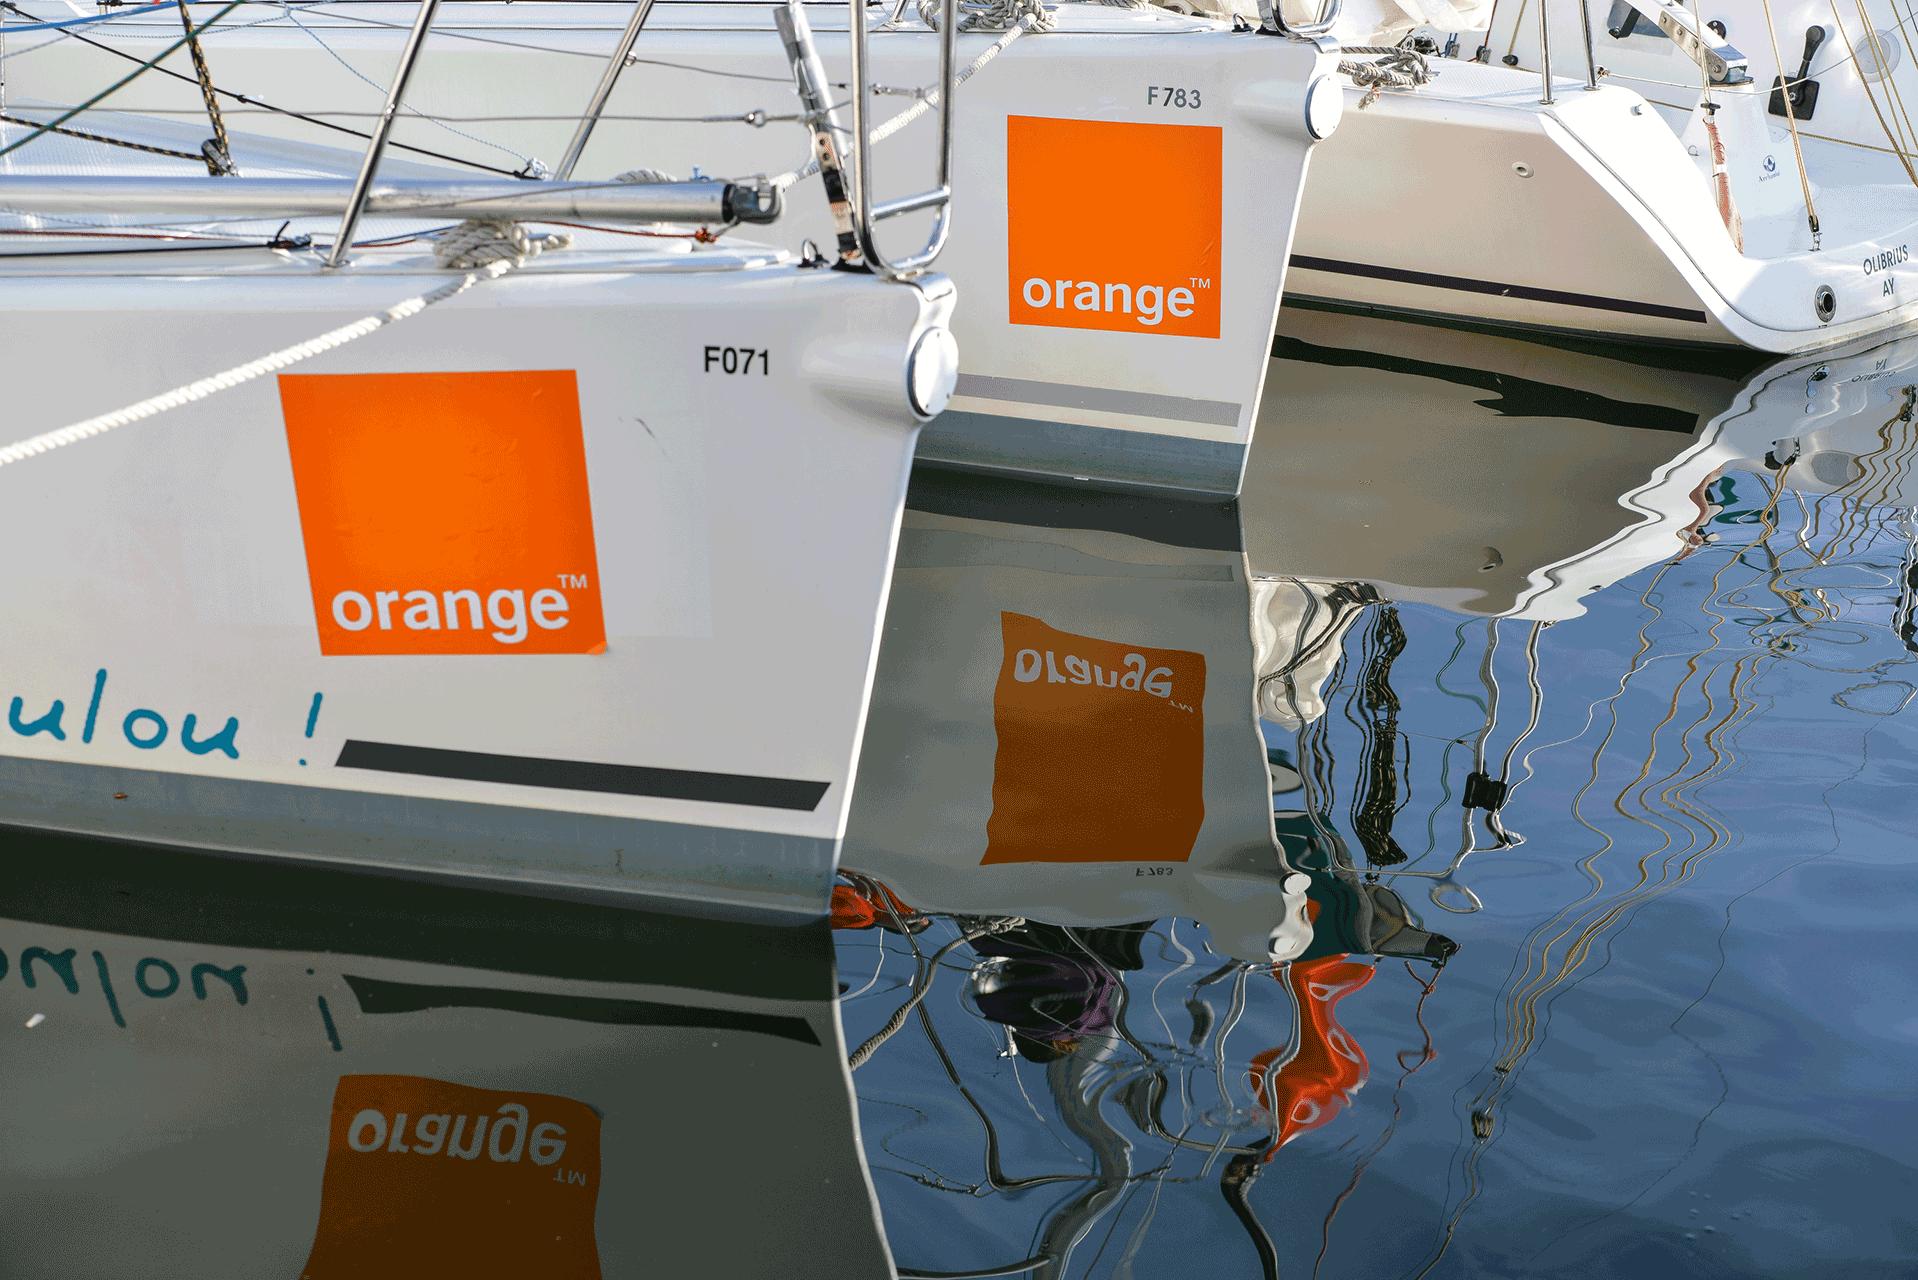 armor-cup-orange-photo-corporate-val-de-marne